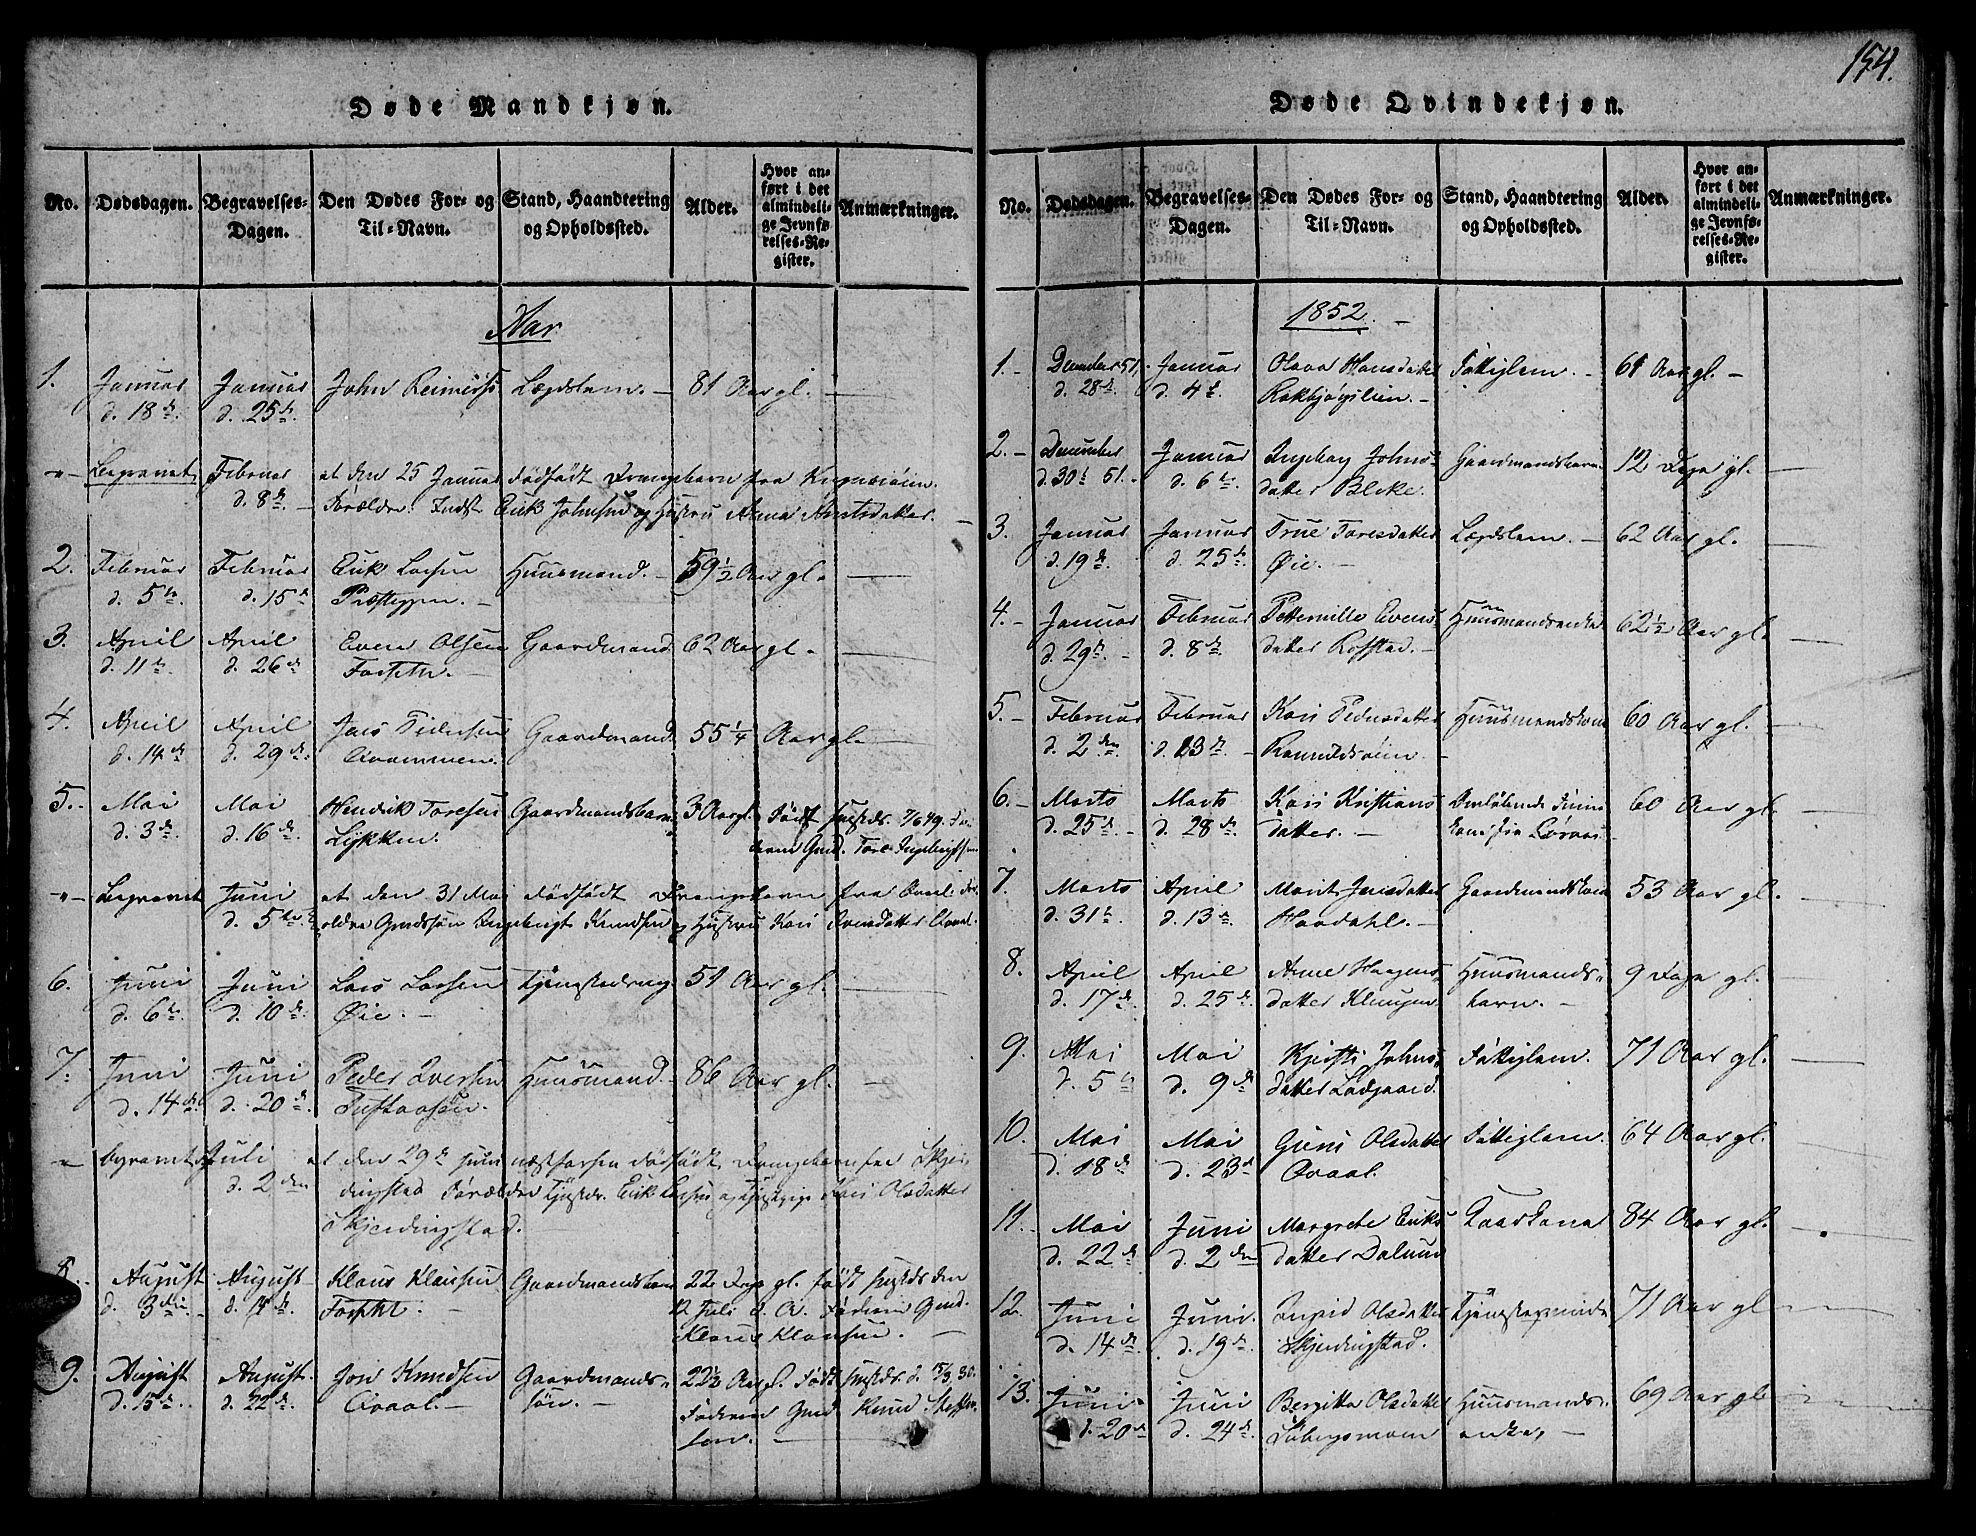 SAT, Ministerialprotokoller, klokkerbøker og fødselsregistre - Sør-Trøndelag, 691/L1092: Klokkerbok nr. 691C03, 1816-1852, s. 154